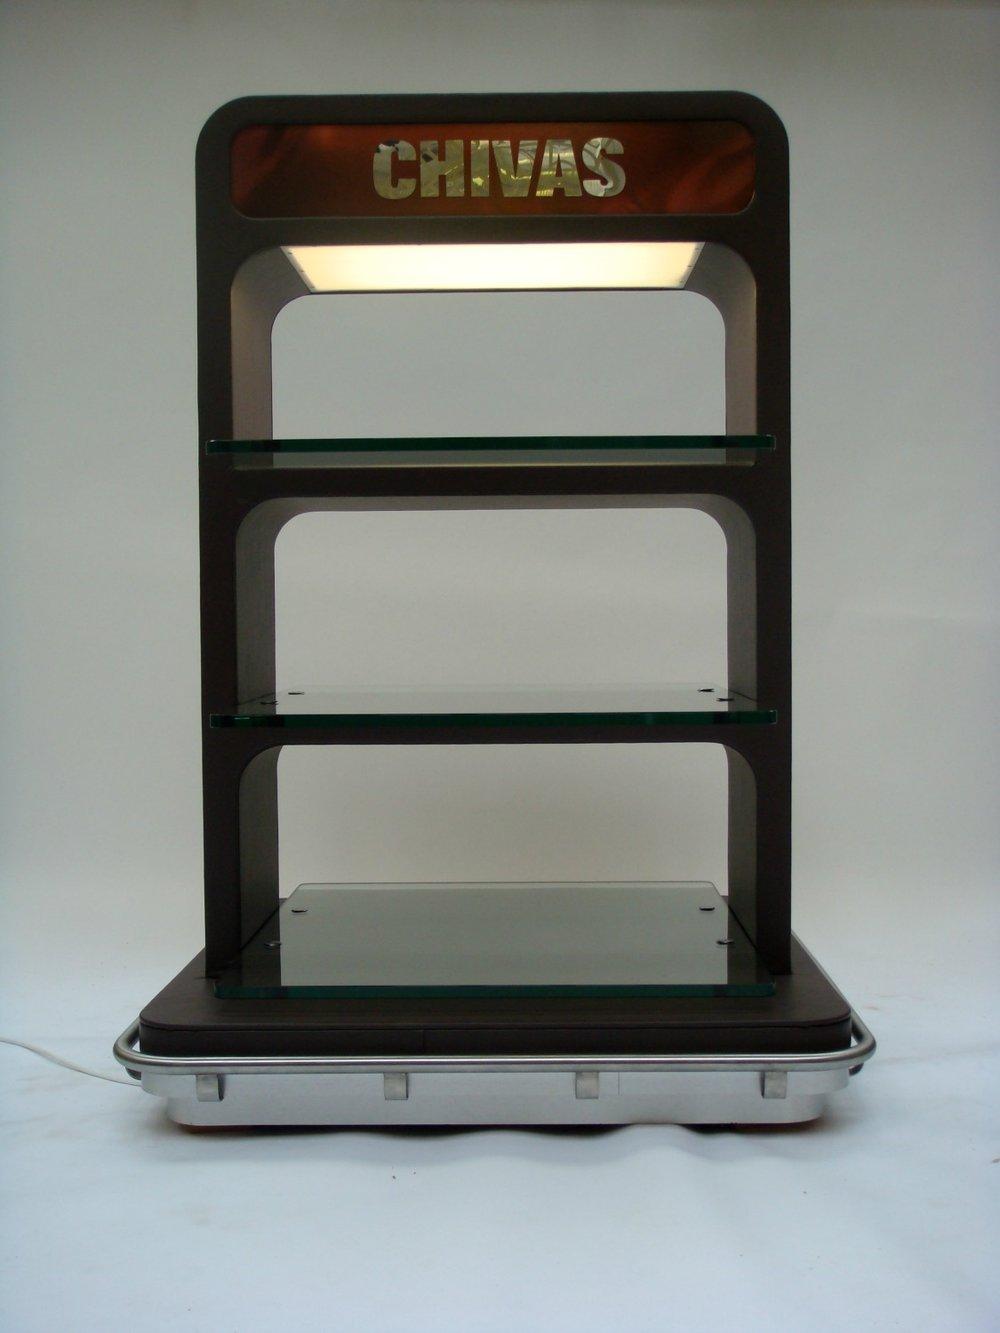 Chivas2.jpg